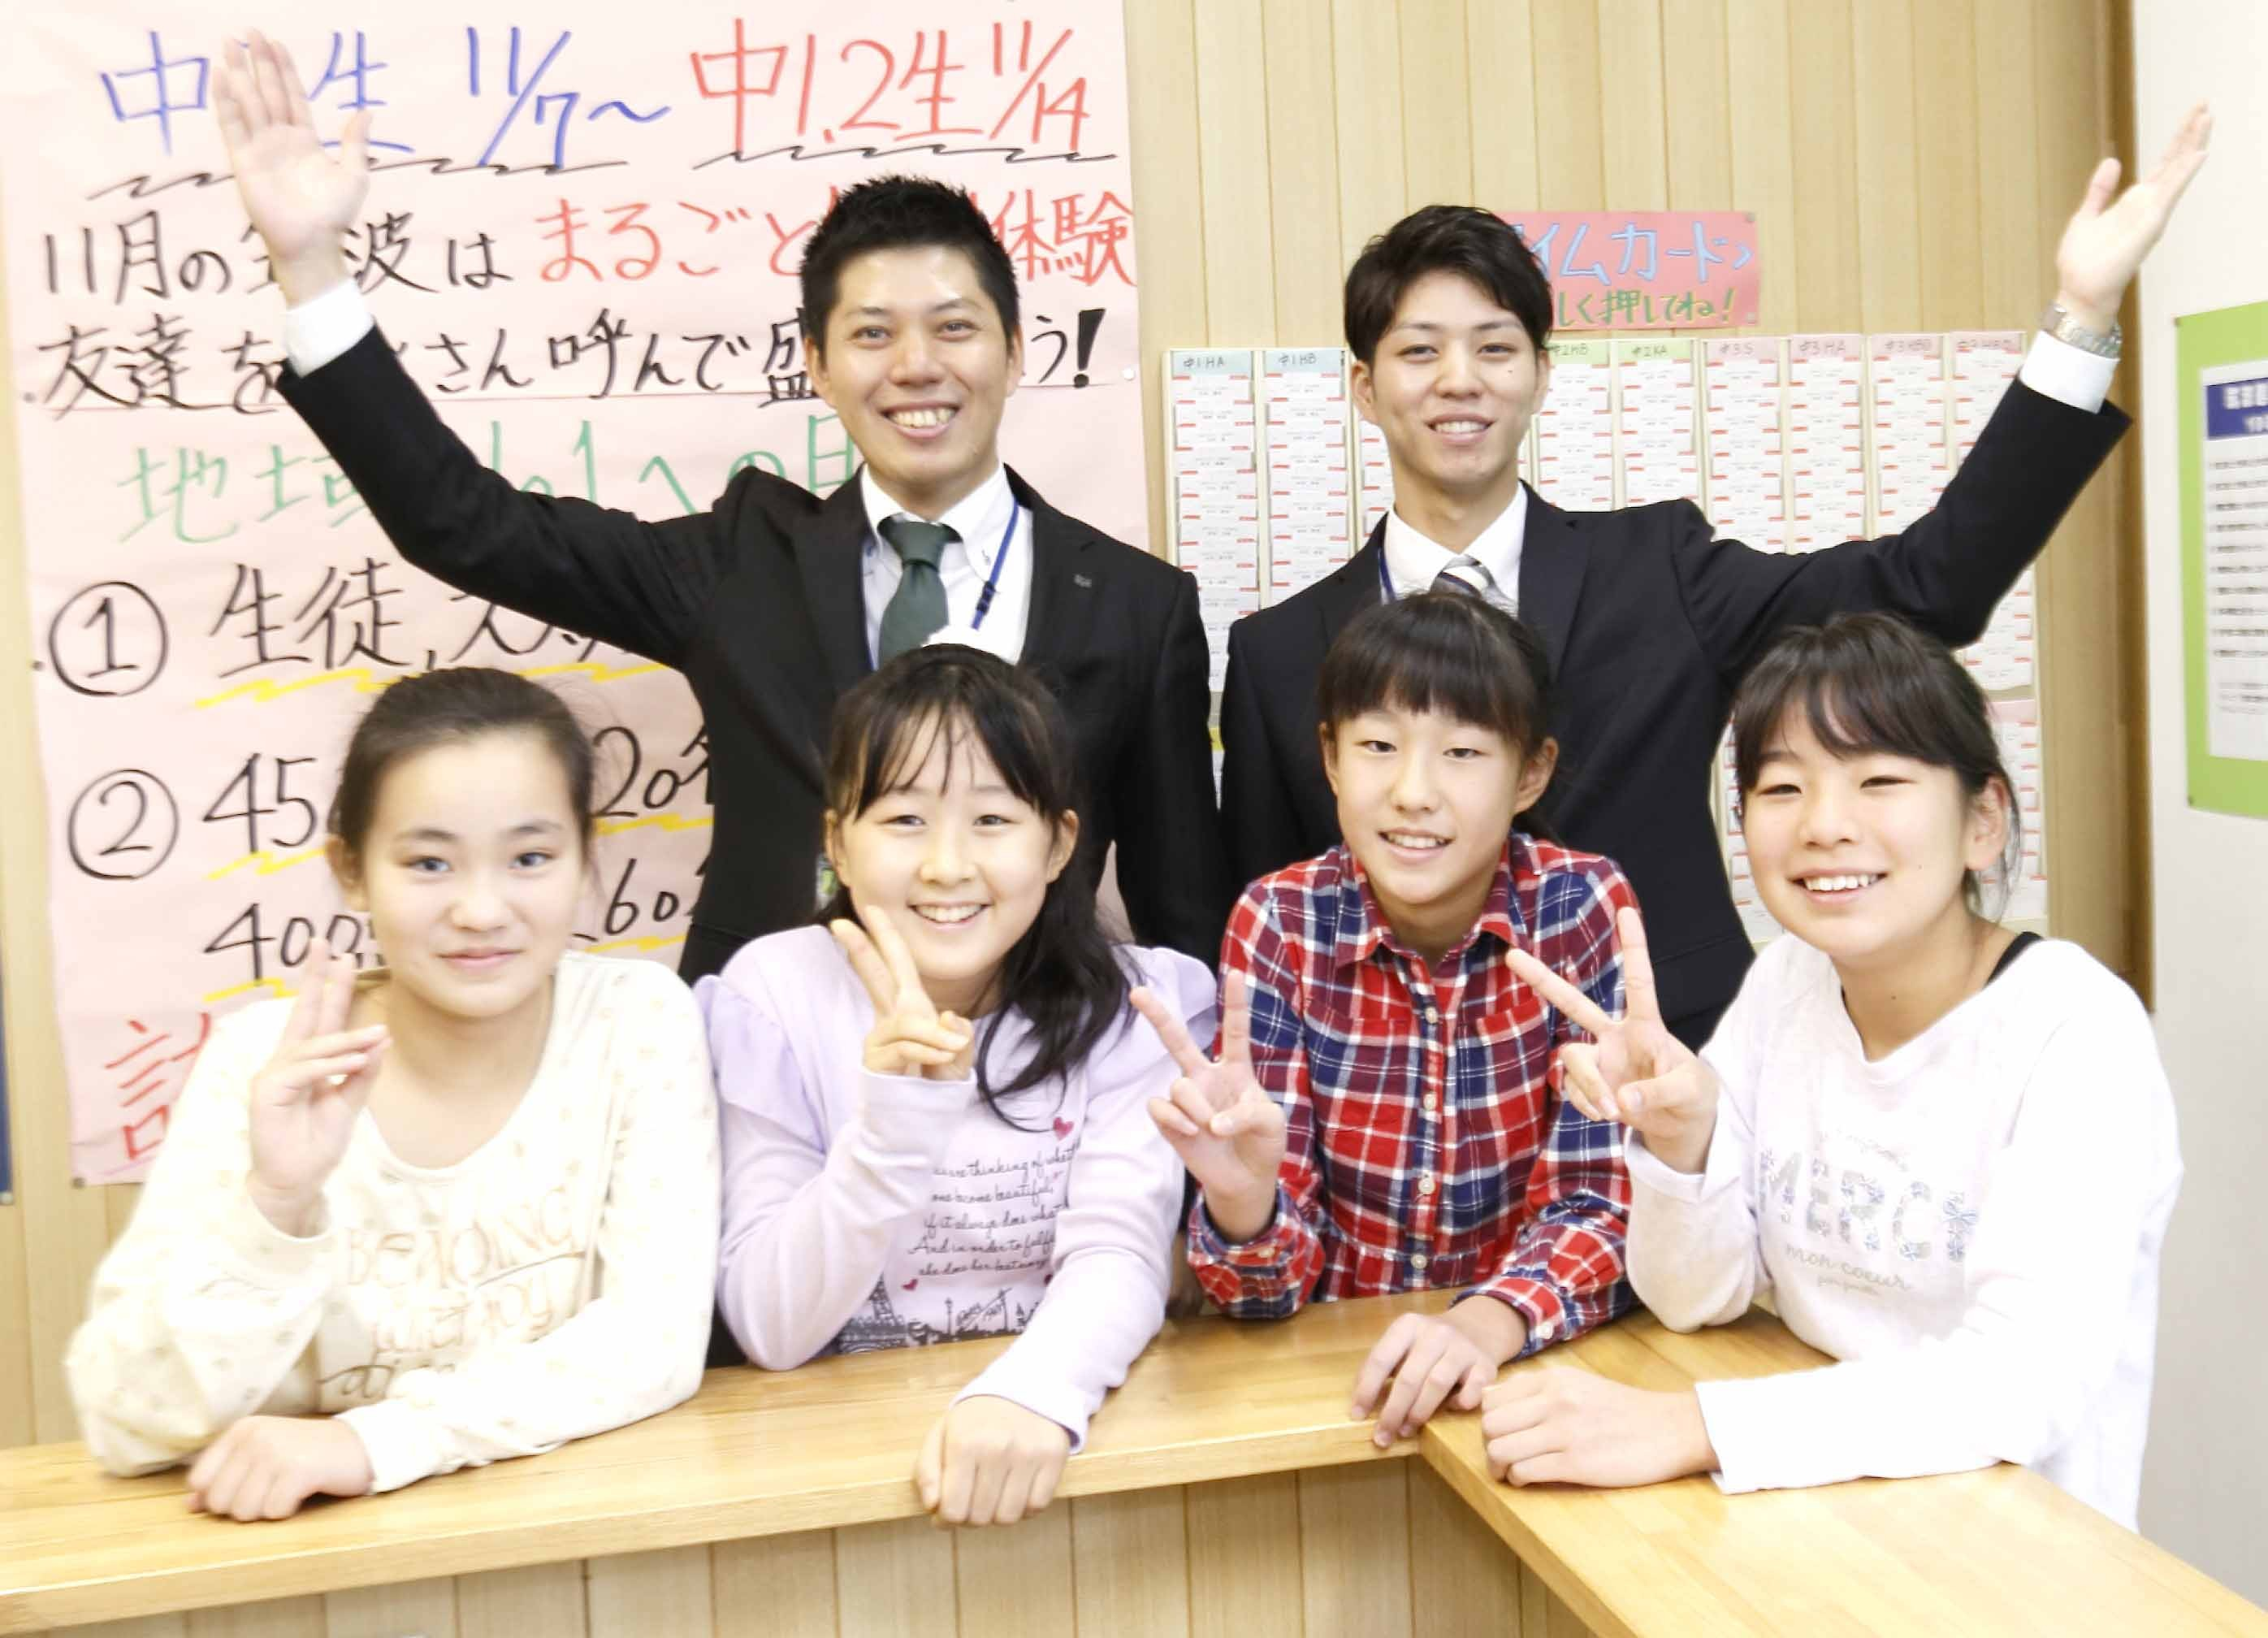 筑波進研スクール 町谷教室のアルバイト情報